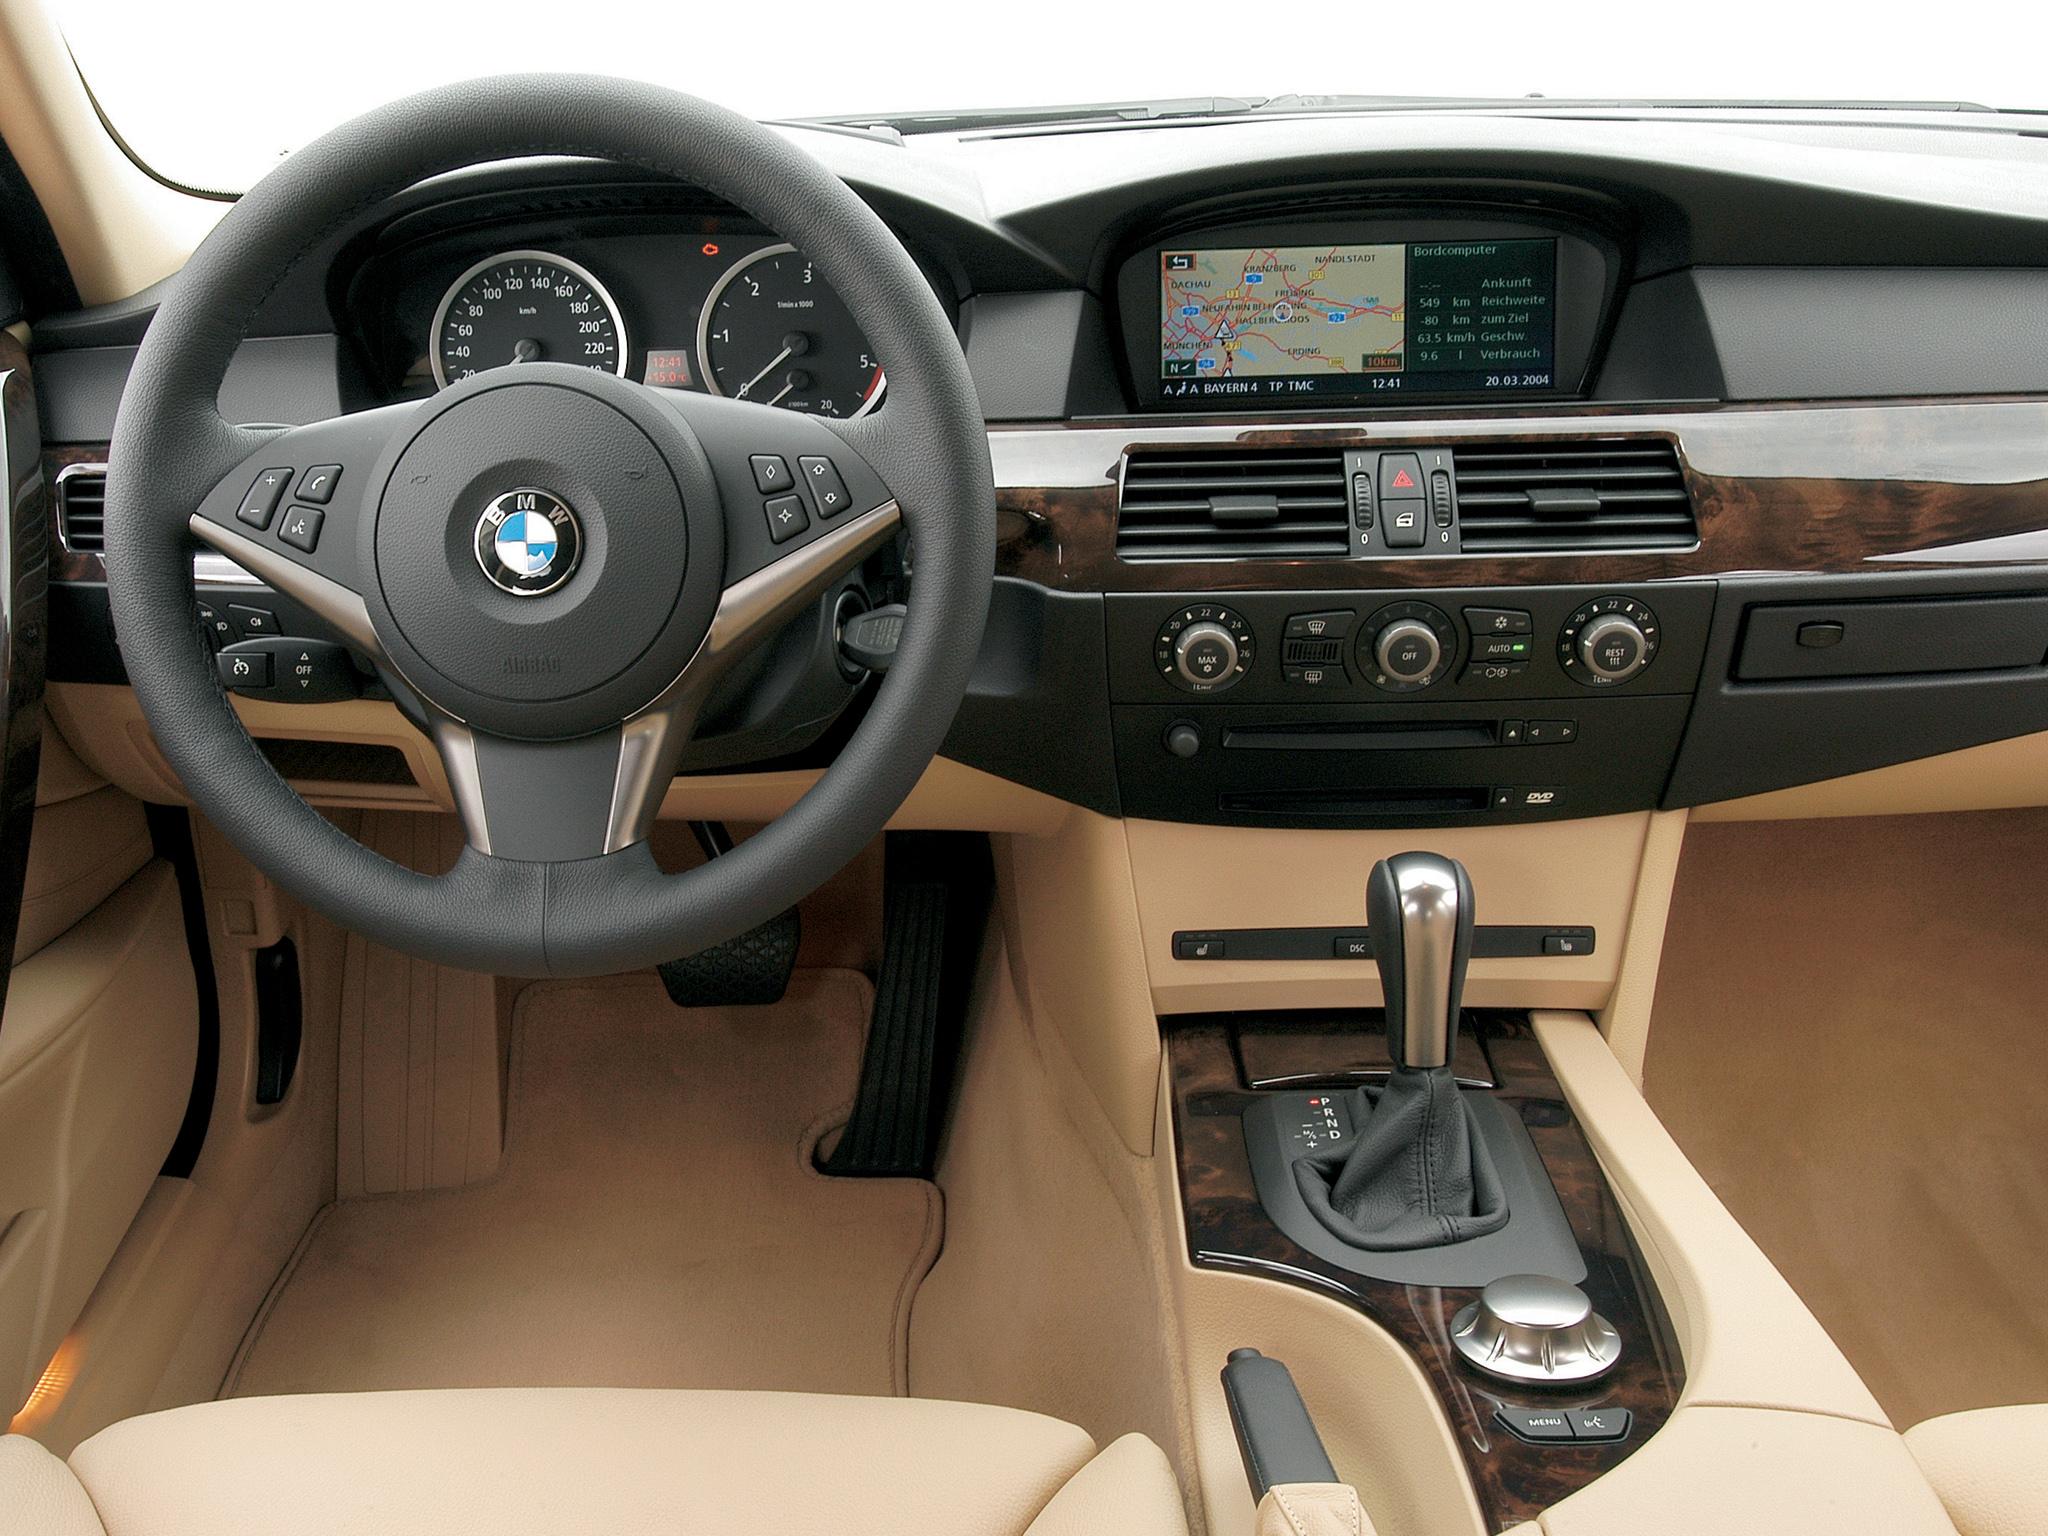 На BMW 5 E60 отключилось мультимедийное управление на руле и подогрев рулевого колеса